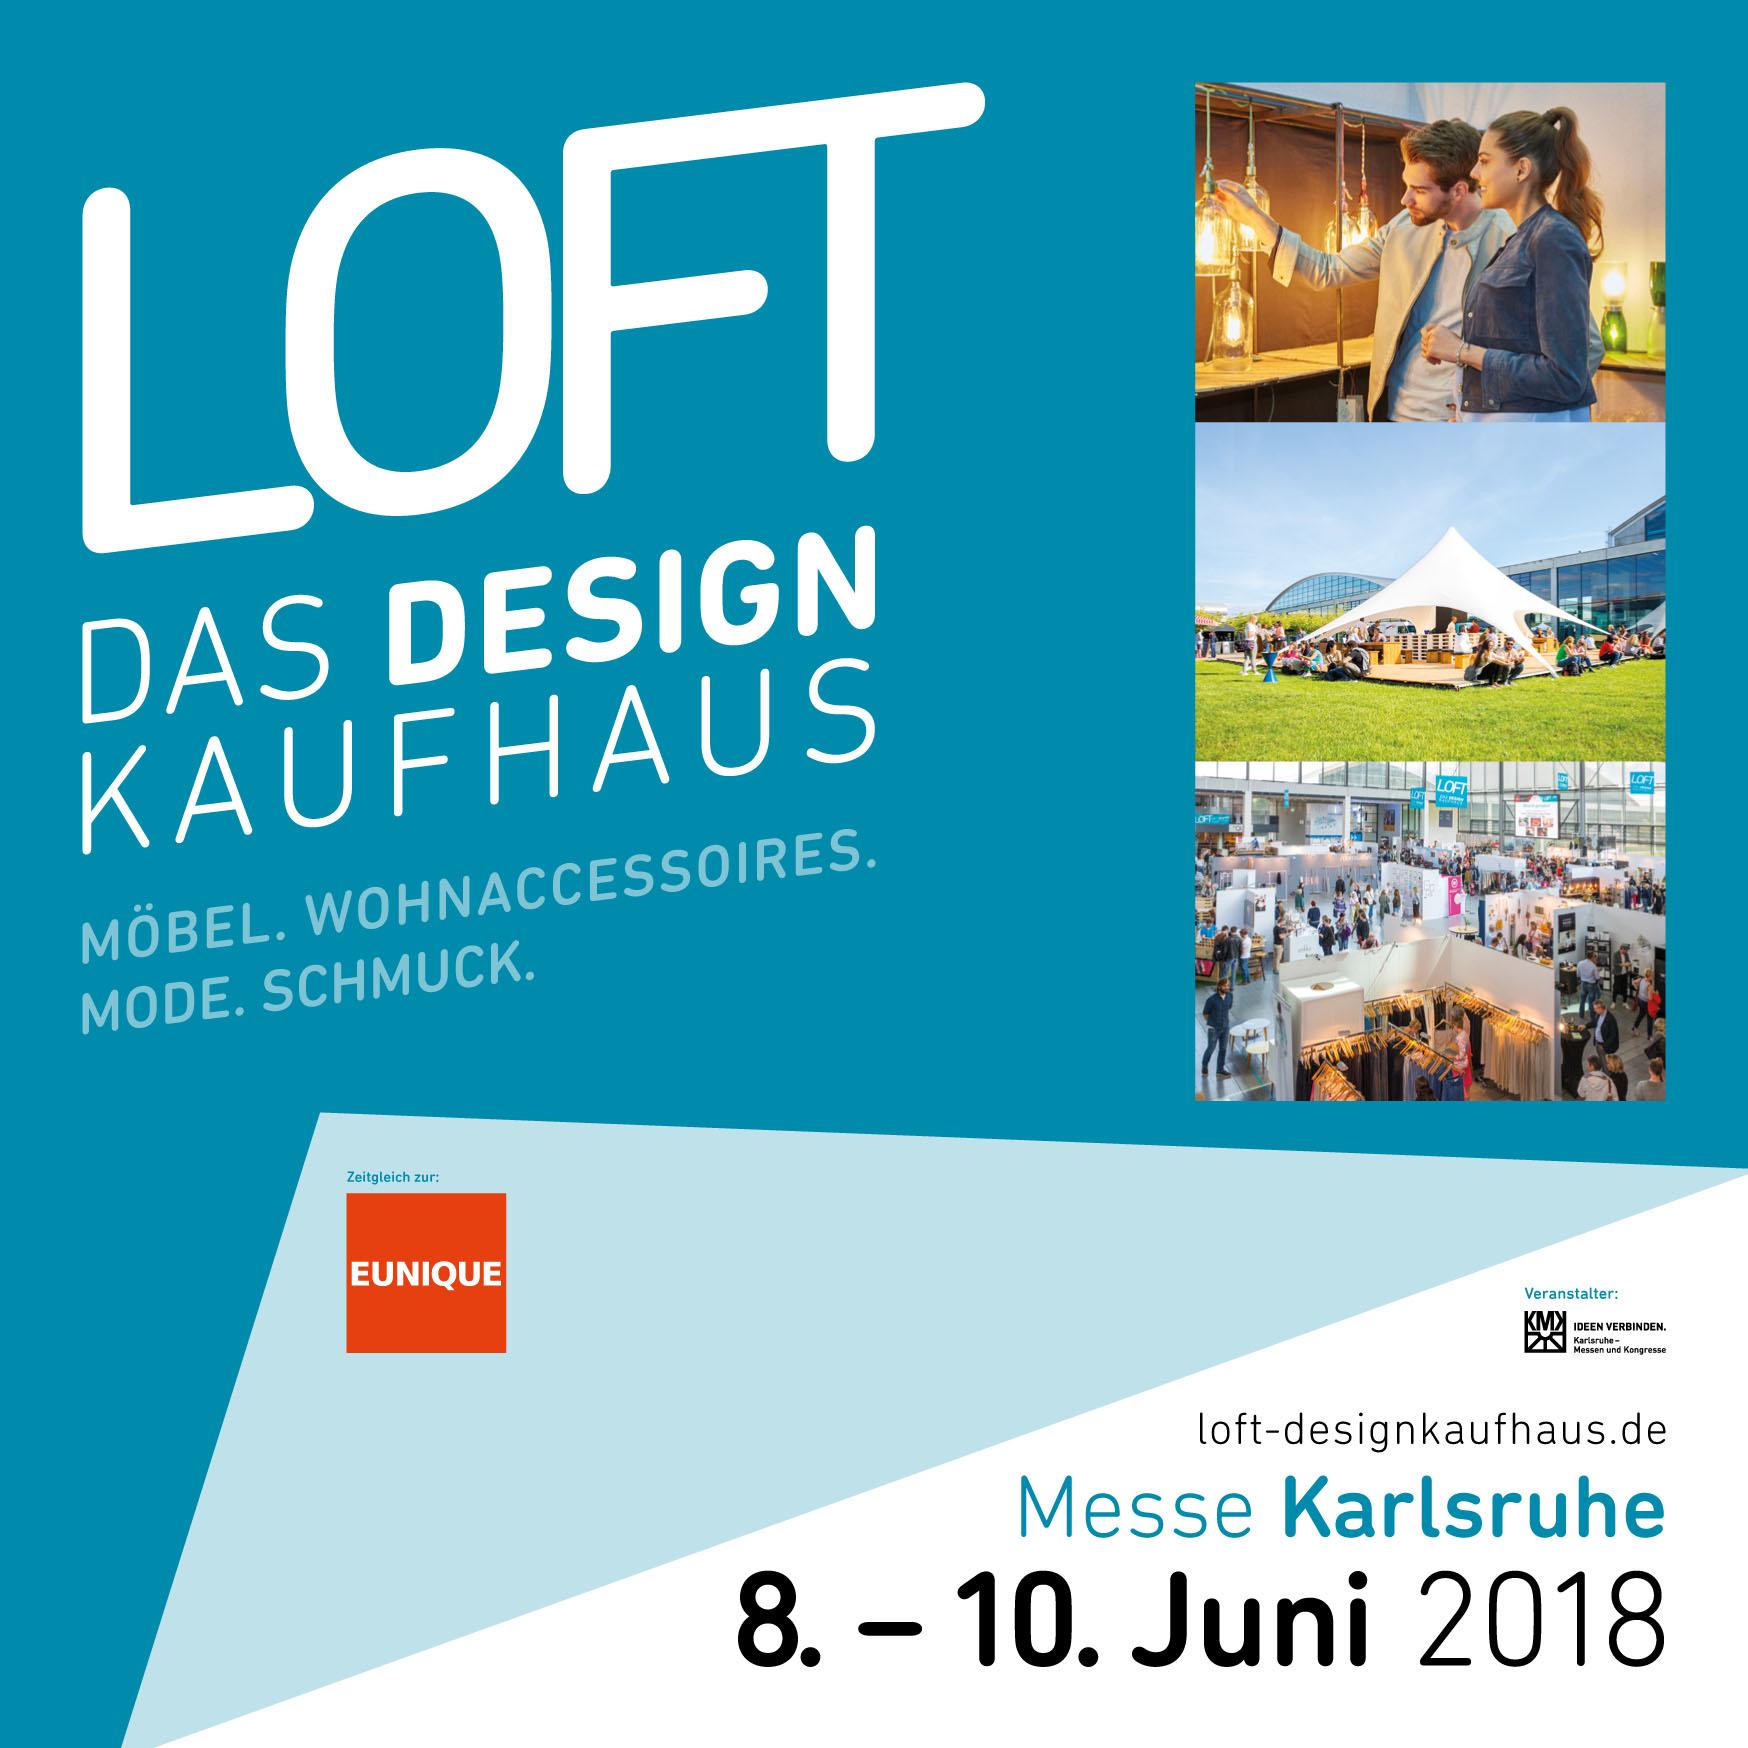 LOFT – Das Design Kaufhaus - Messe Karlsruhe08.- 10. Juni 2018www.loft-designkaufhaus.de